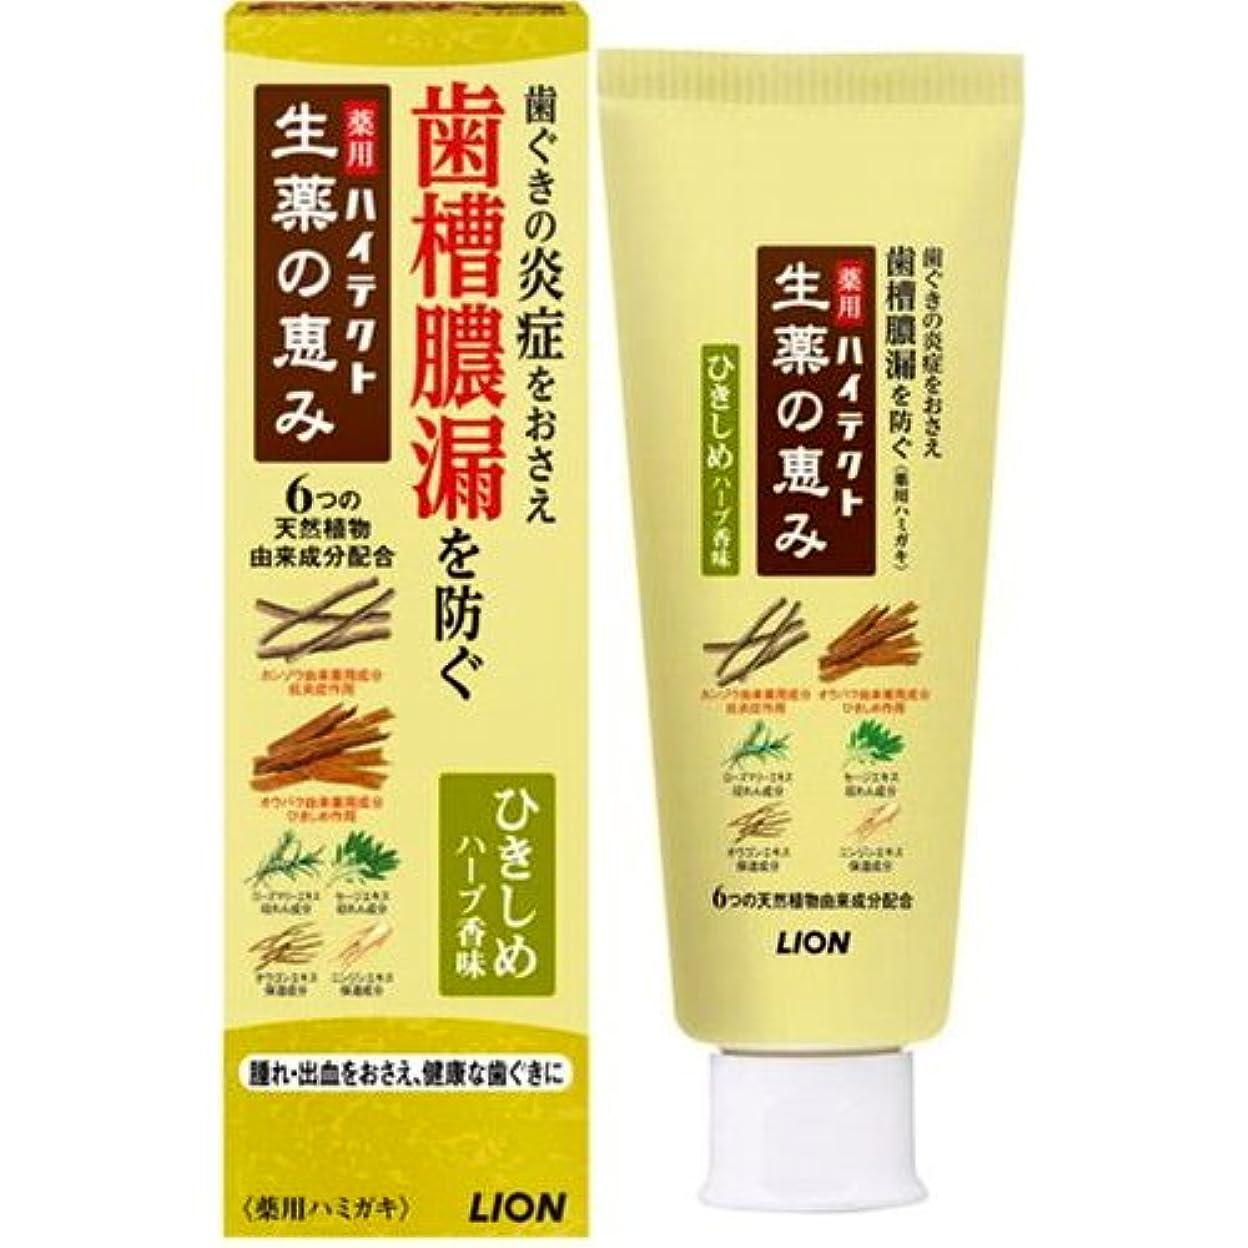 消費官僚スマート【ライオン】ハイテクト 生薬の恵み ひきしめハーブ香味 90g ×3個セット